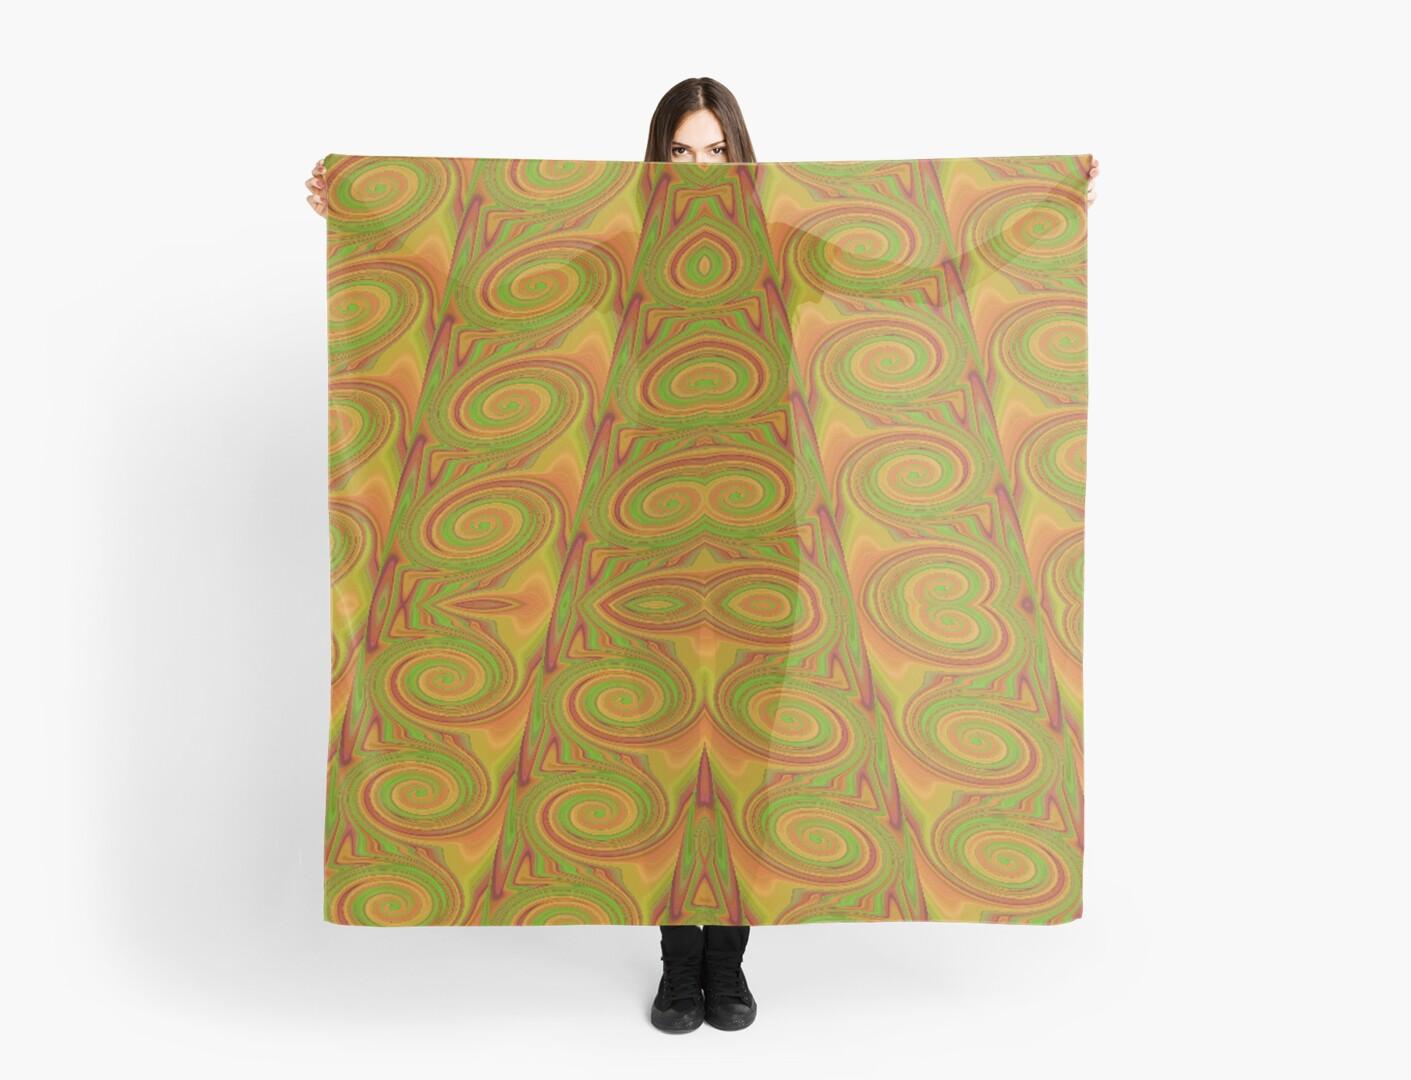 Twirling in Orange by coribeth